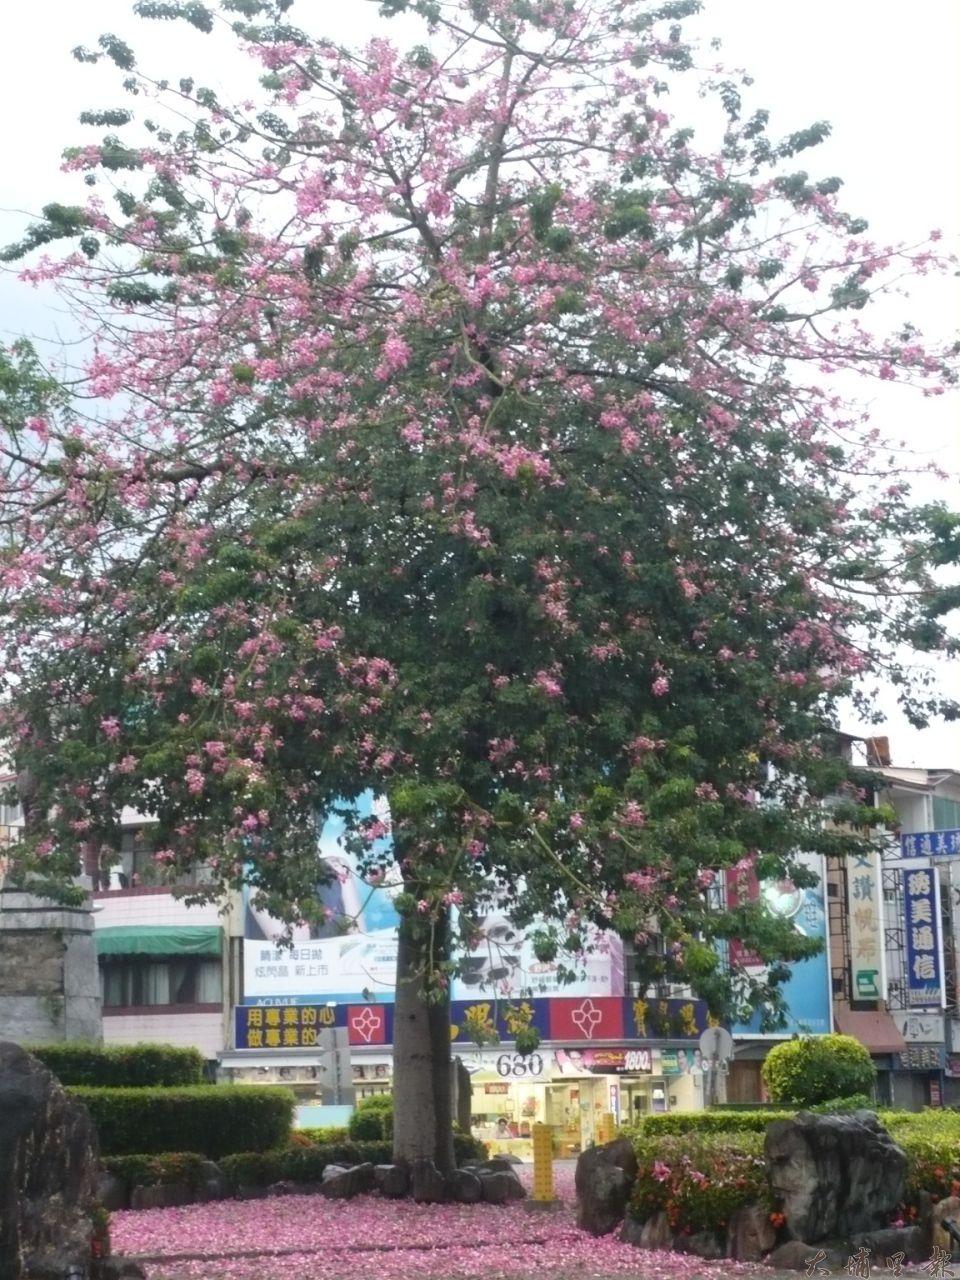 埔里仁愛公園旁的圓環美人樹,花開景象讓人驚艷,被公所以遮檔視線為由砍除。(柏原祥翻攝)